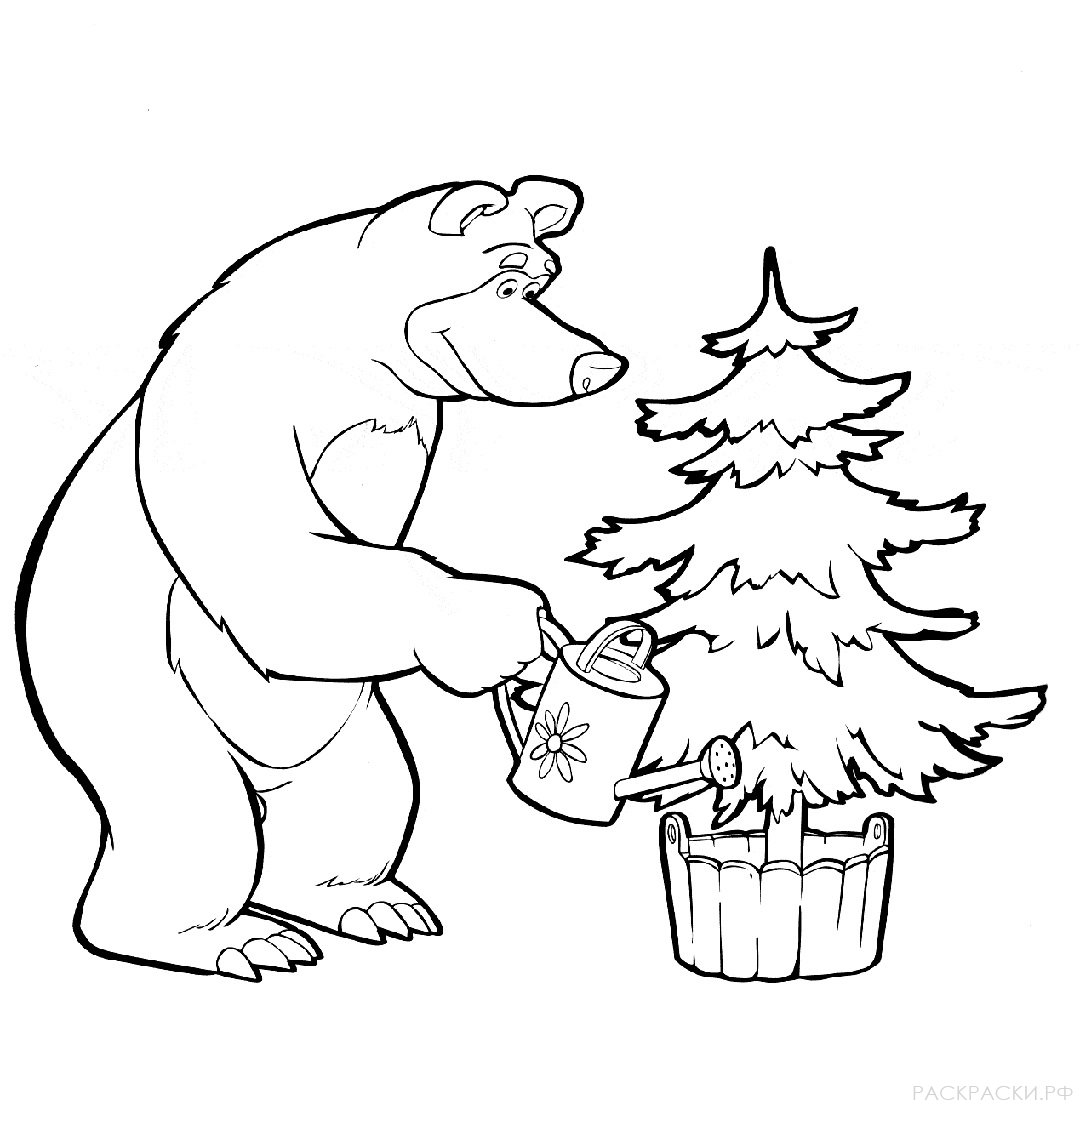 """Раскраска Маша и Медведь """"Медведь поливает ёлку ..."""